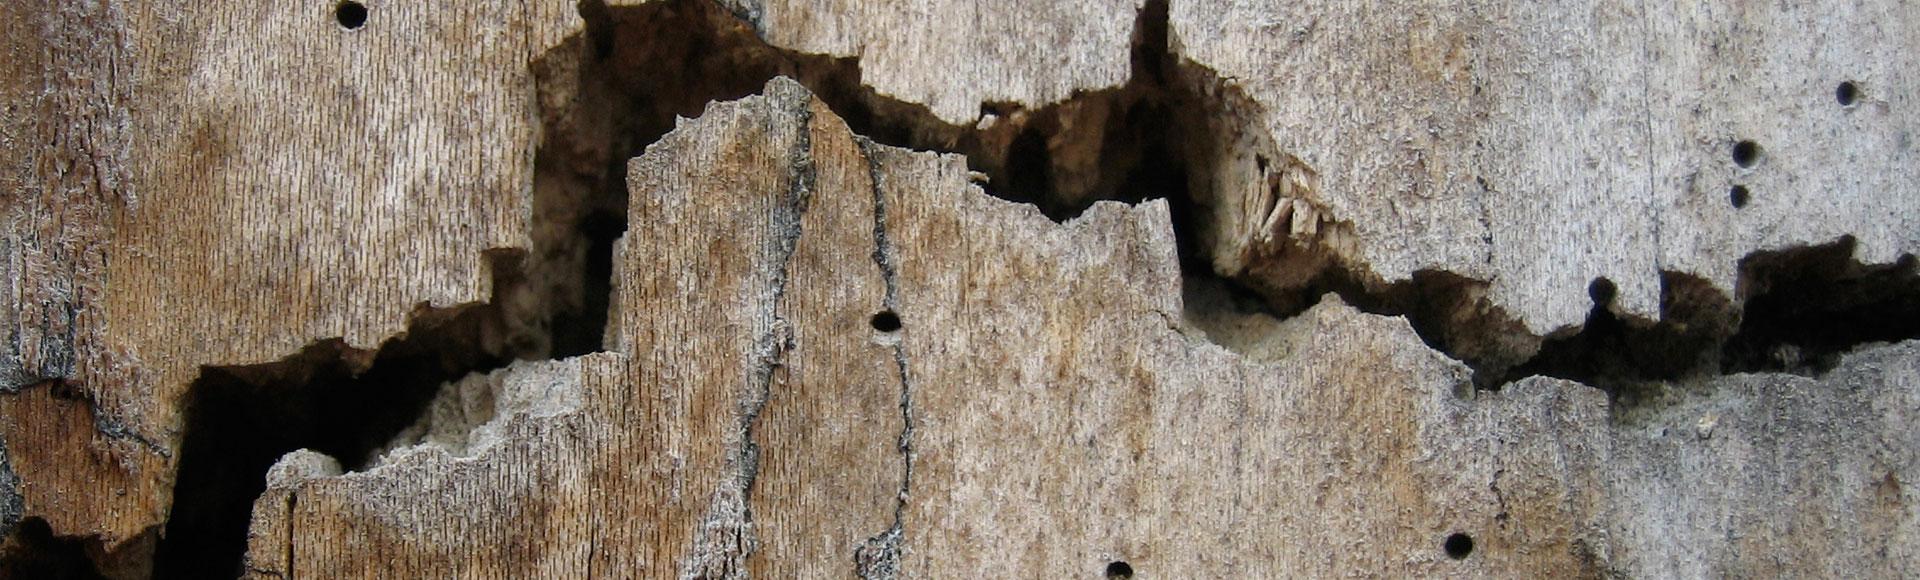 Chemischer Holzschutz?